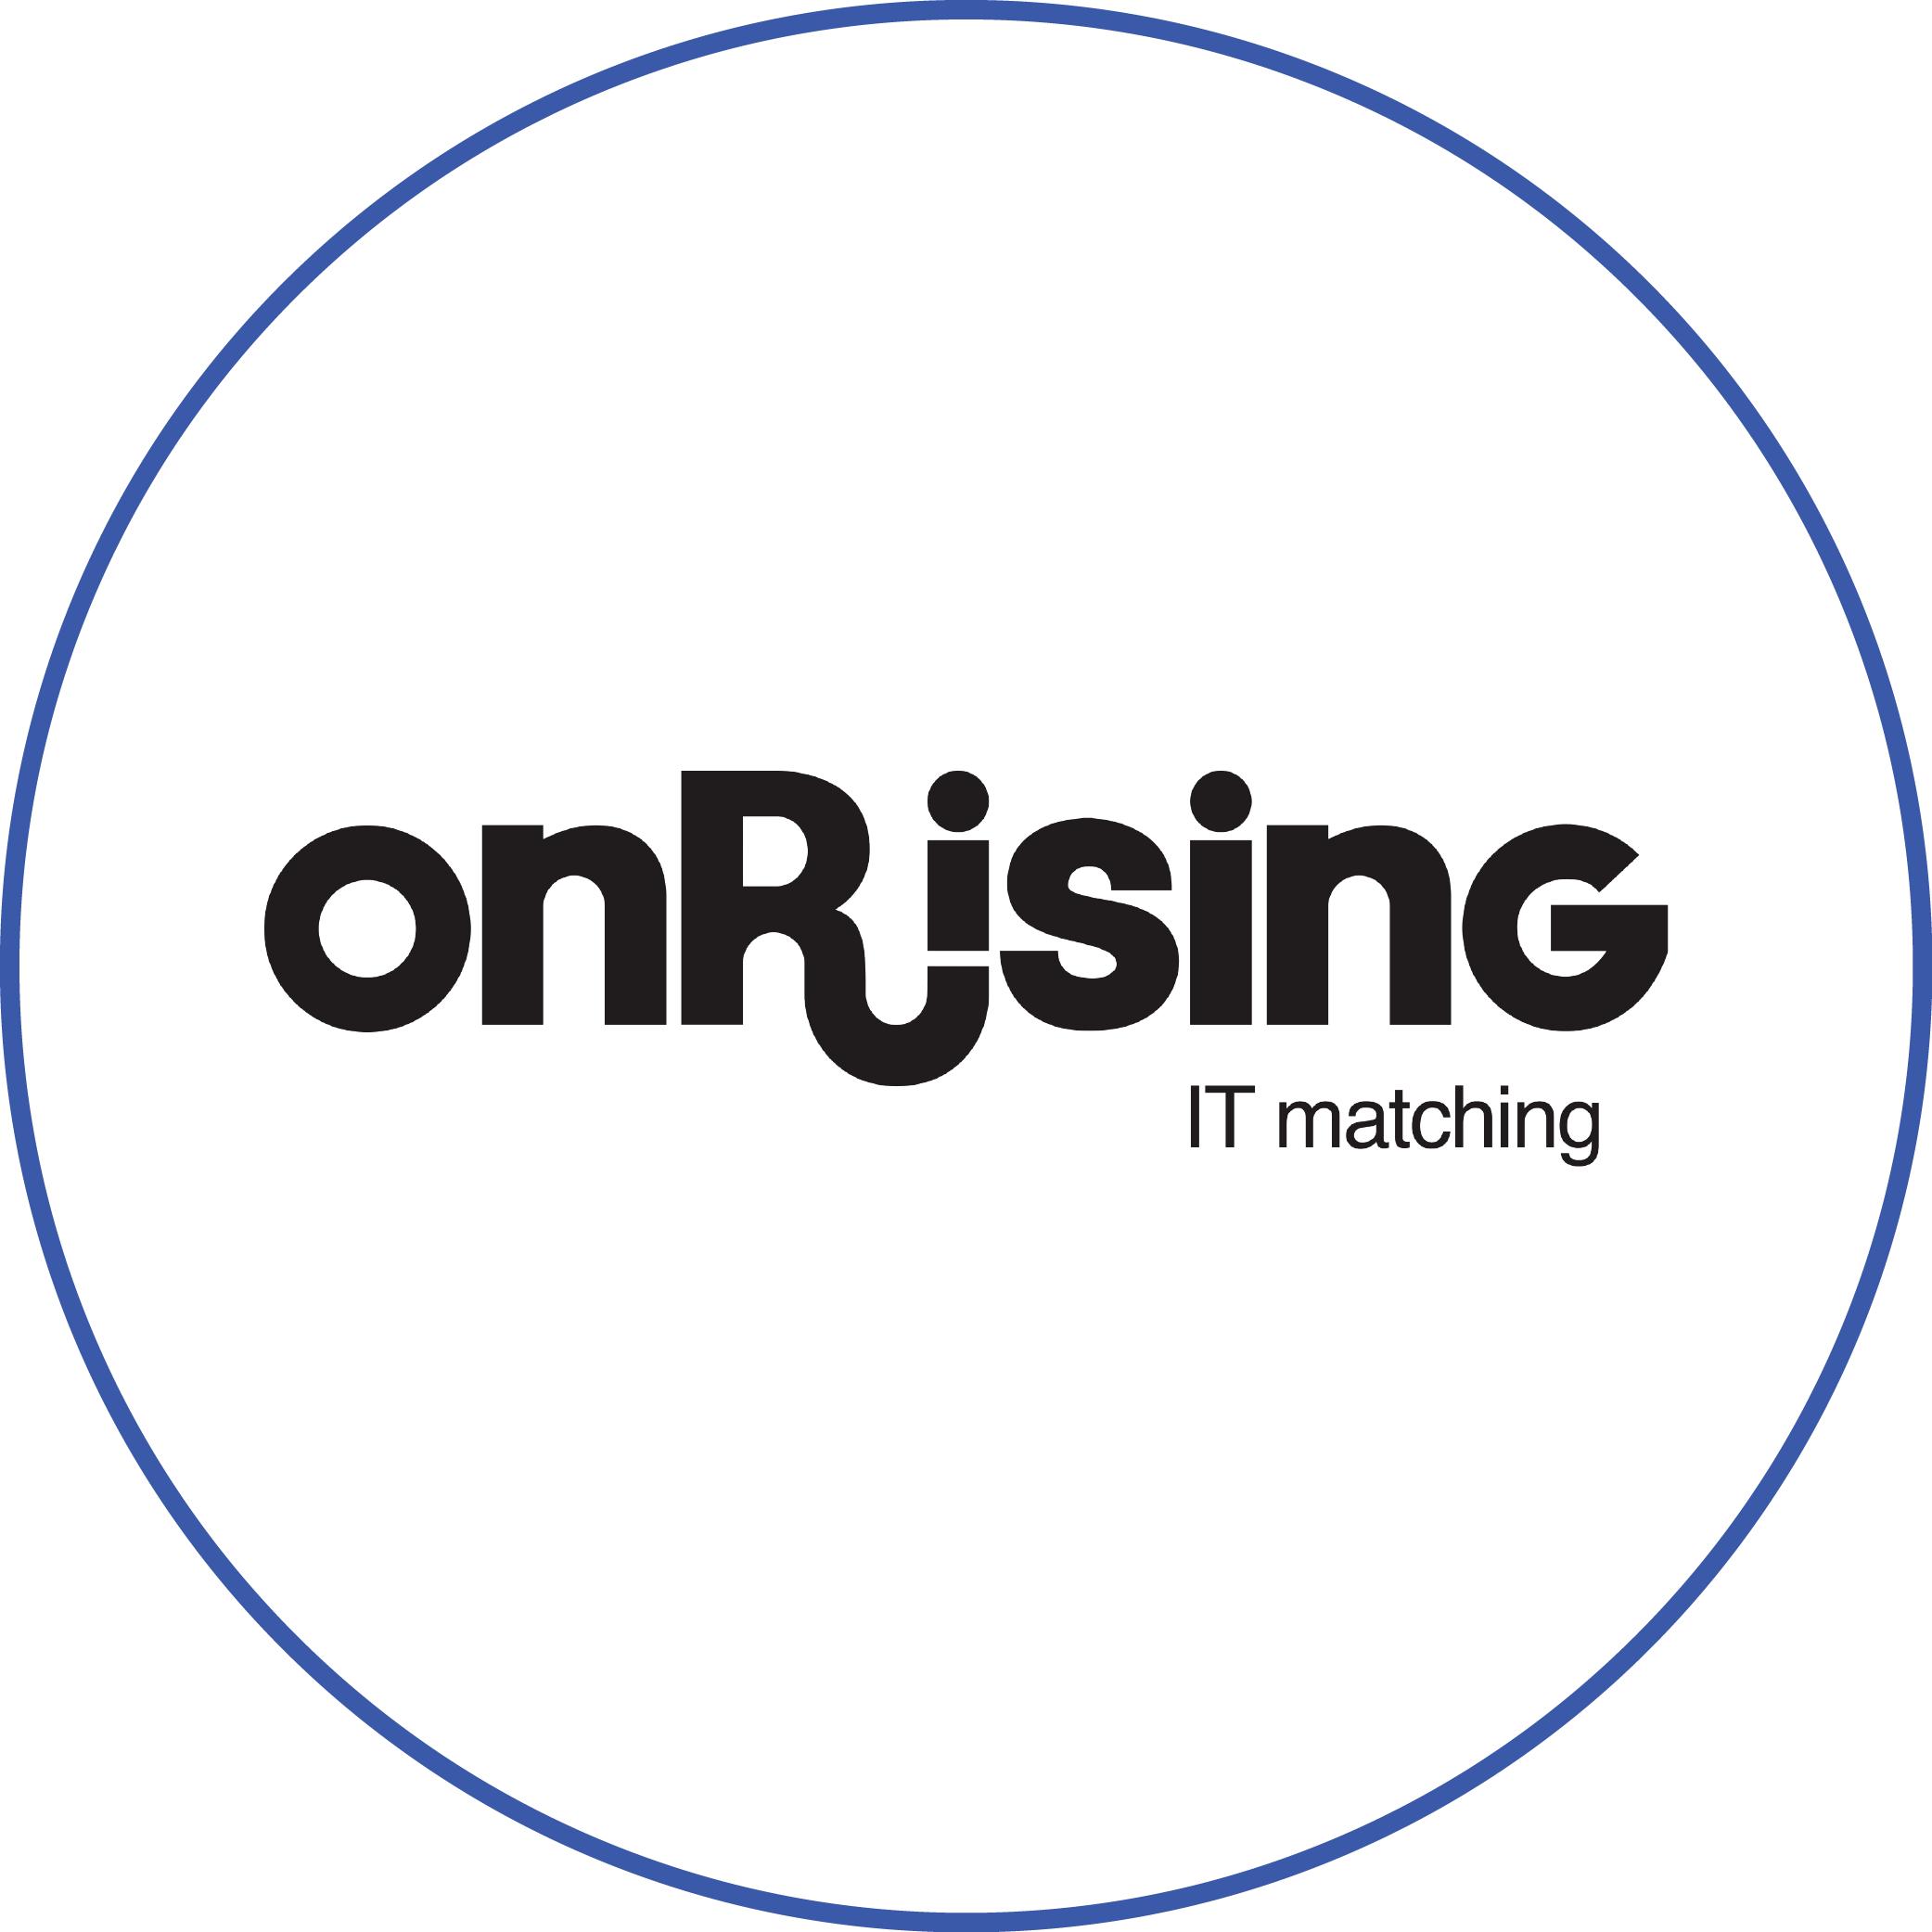 onrising